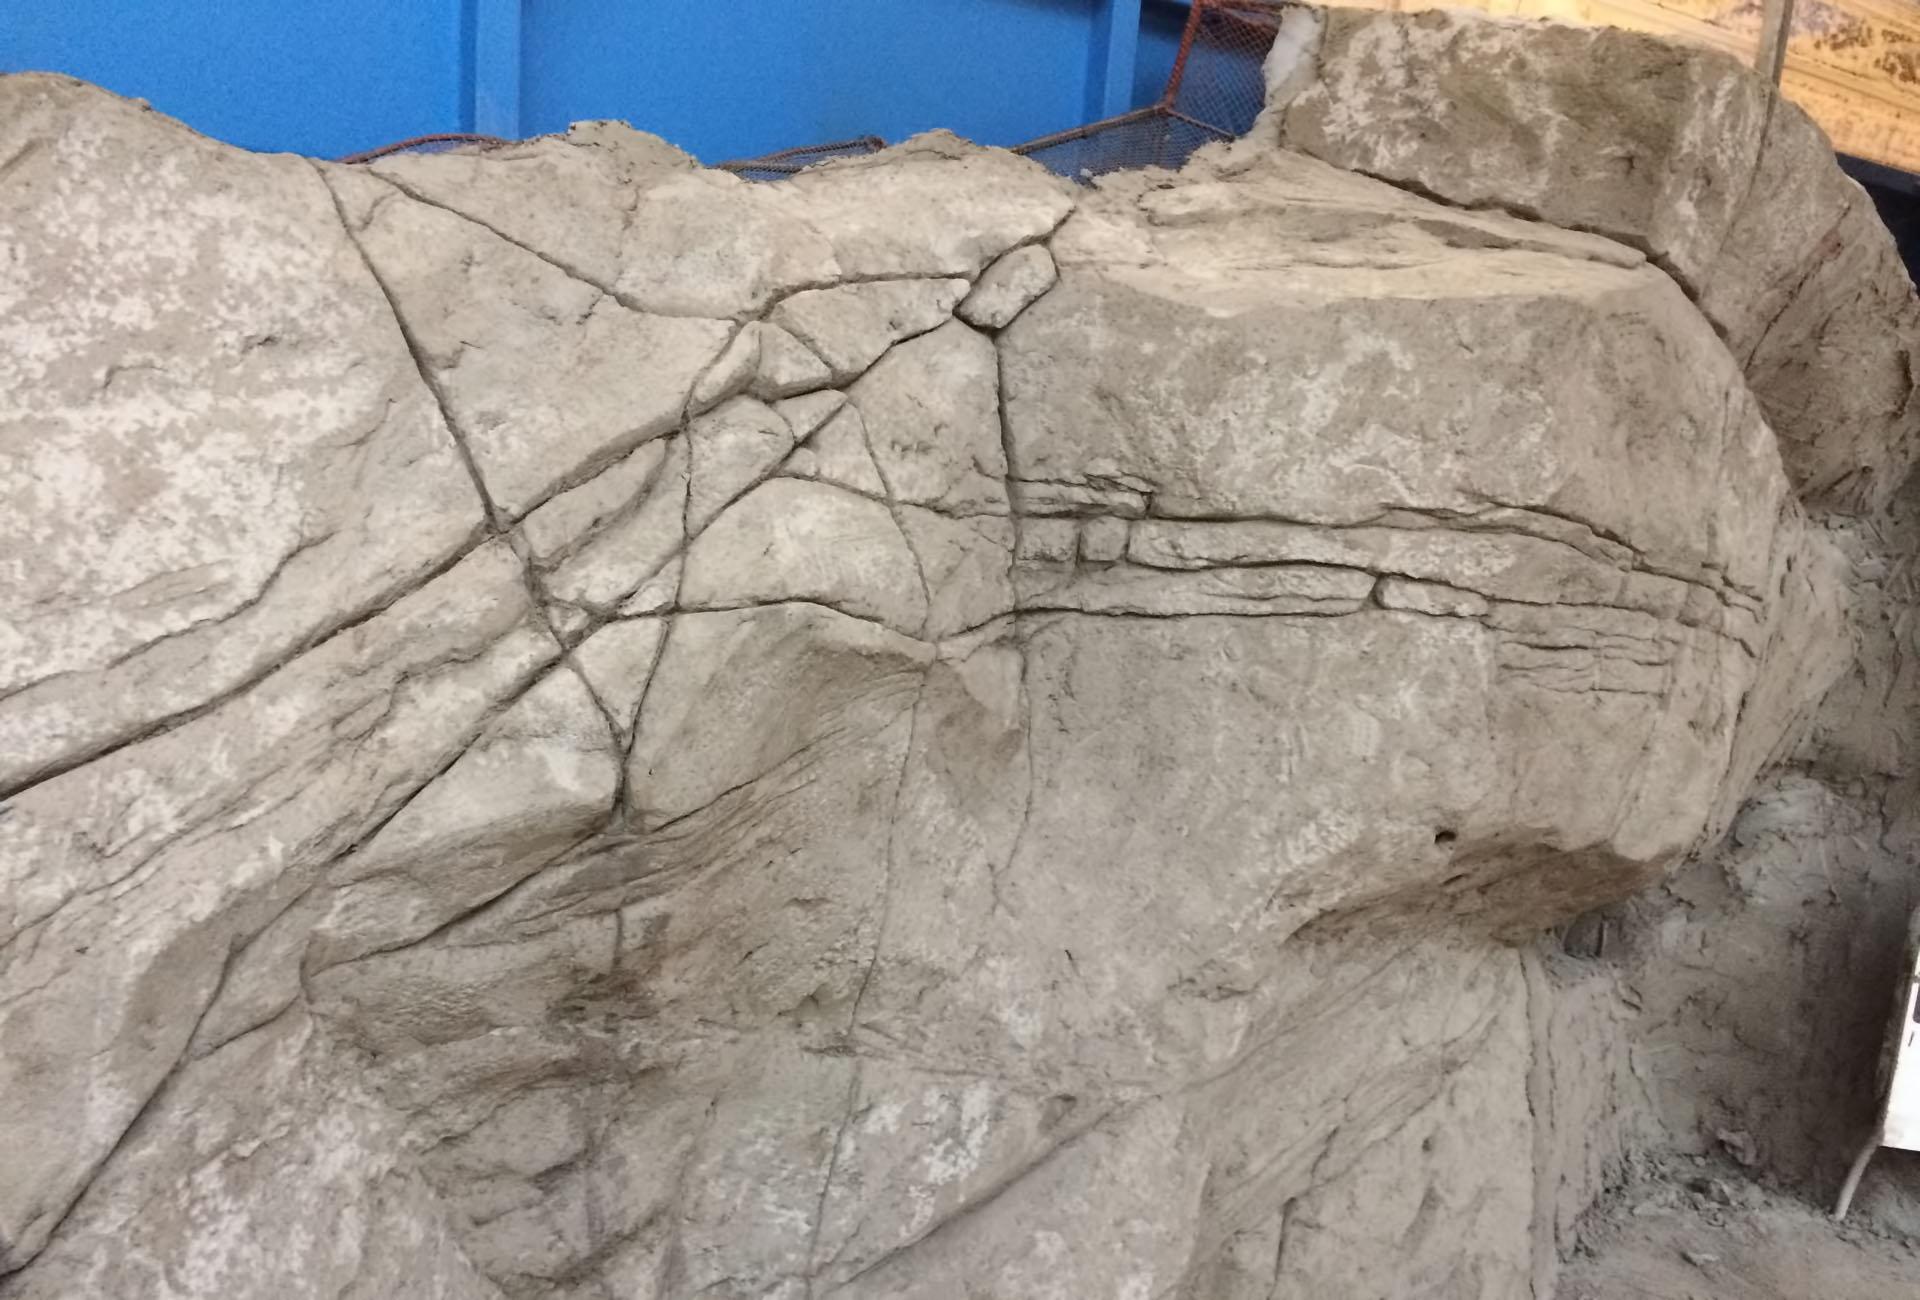 парк аттракционов  Play Ventura сооружение декораций скал